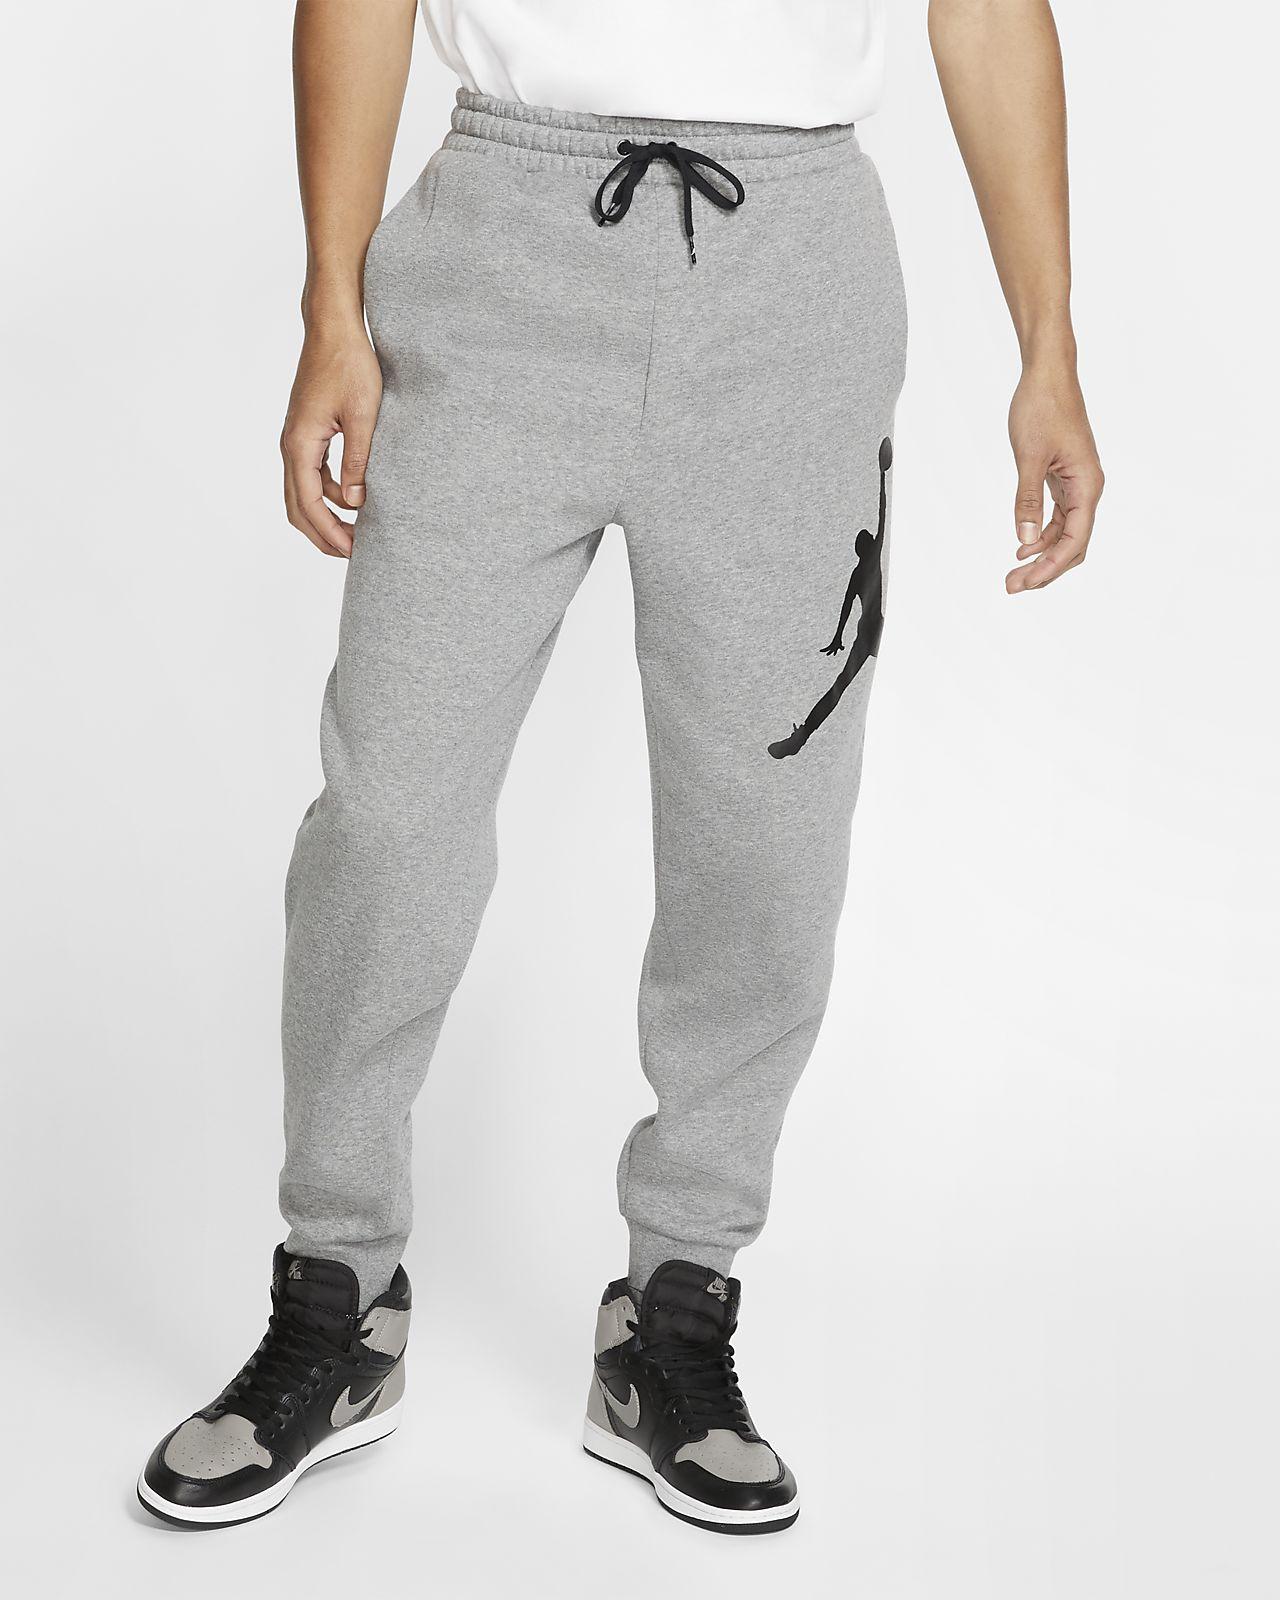 Jordan Jumpman Logo Men's Fleece Trousers